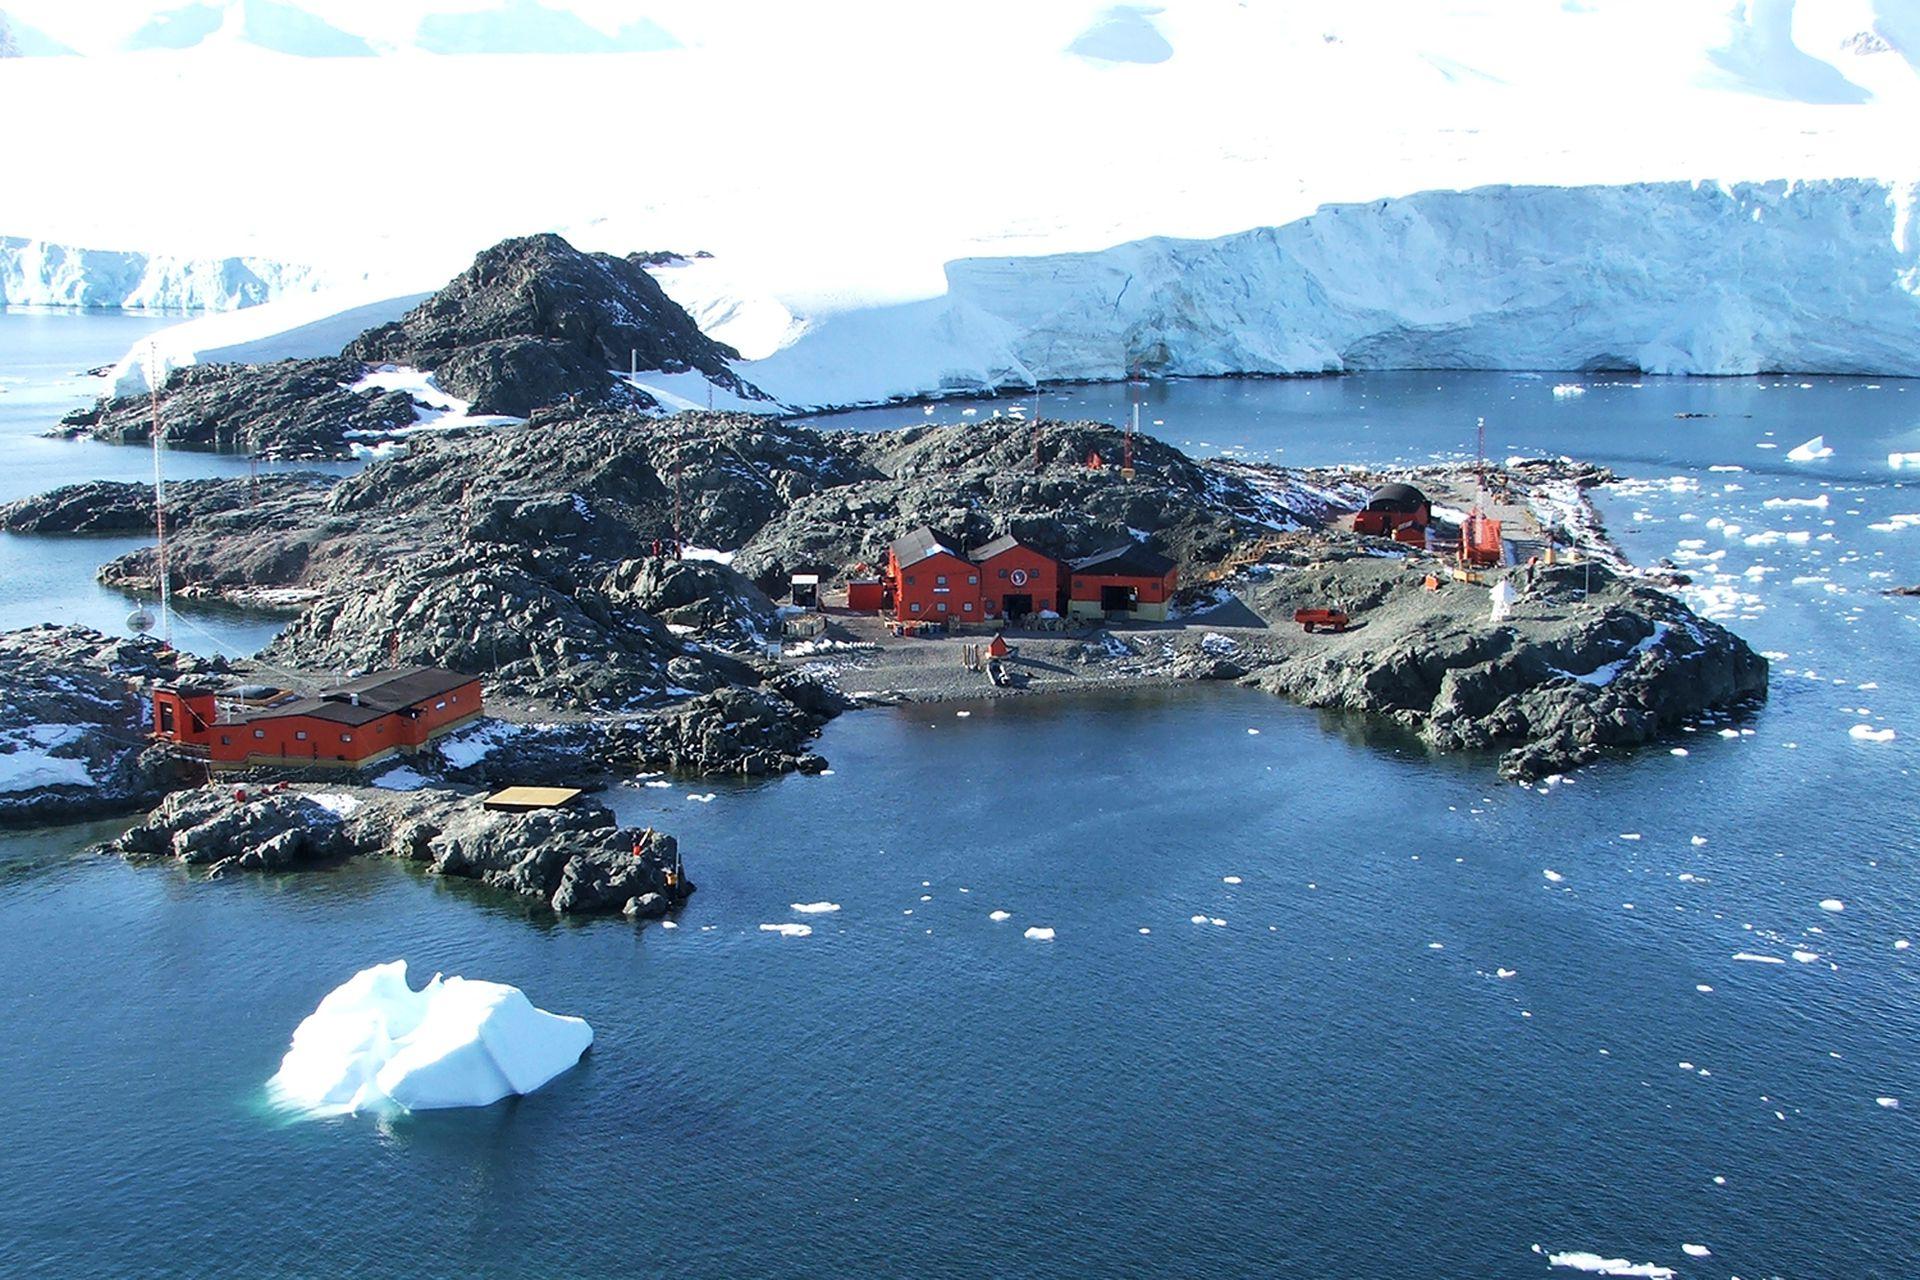 La Base San Martín se localiza en el islote Barry o San Martín del grupo de los islotes Debenham, en el paso Motteta de la costa Fallières, en la bahía Margarita de la península Antártica. Es la base más occidental de las bases argentinas